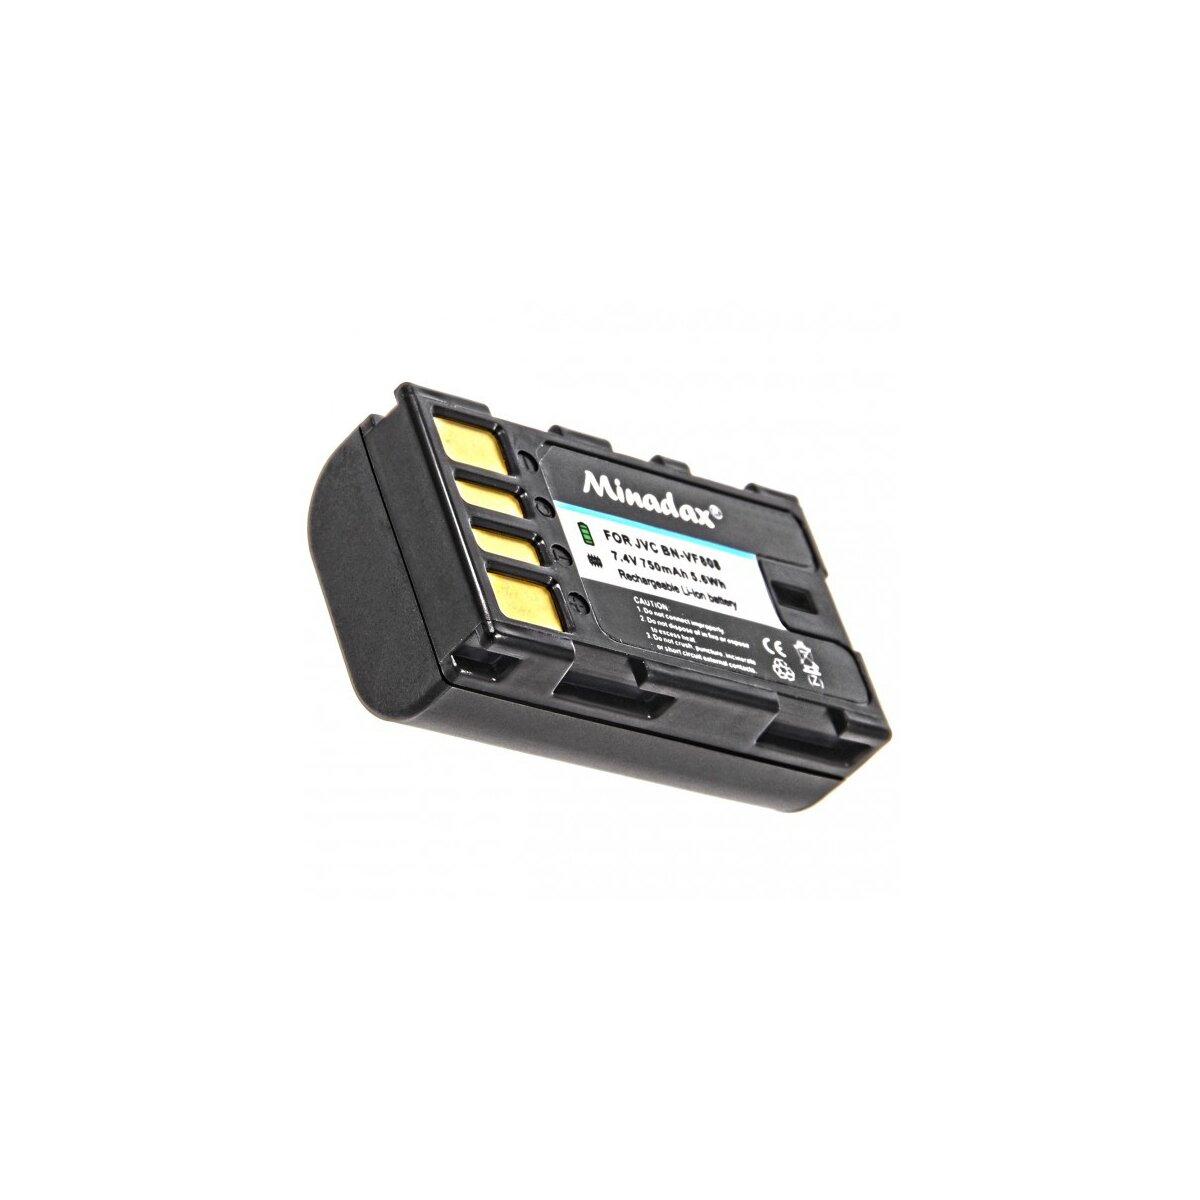 Minadax® Qualitaetsakku mit echten 750 mAh fuer JVC GR D720 720EX D725 D740 D740EX D745 D750 D760 D770 D770EX, wie BN-VF808 - Intelligentes Akkusystem mit Chip